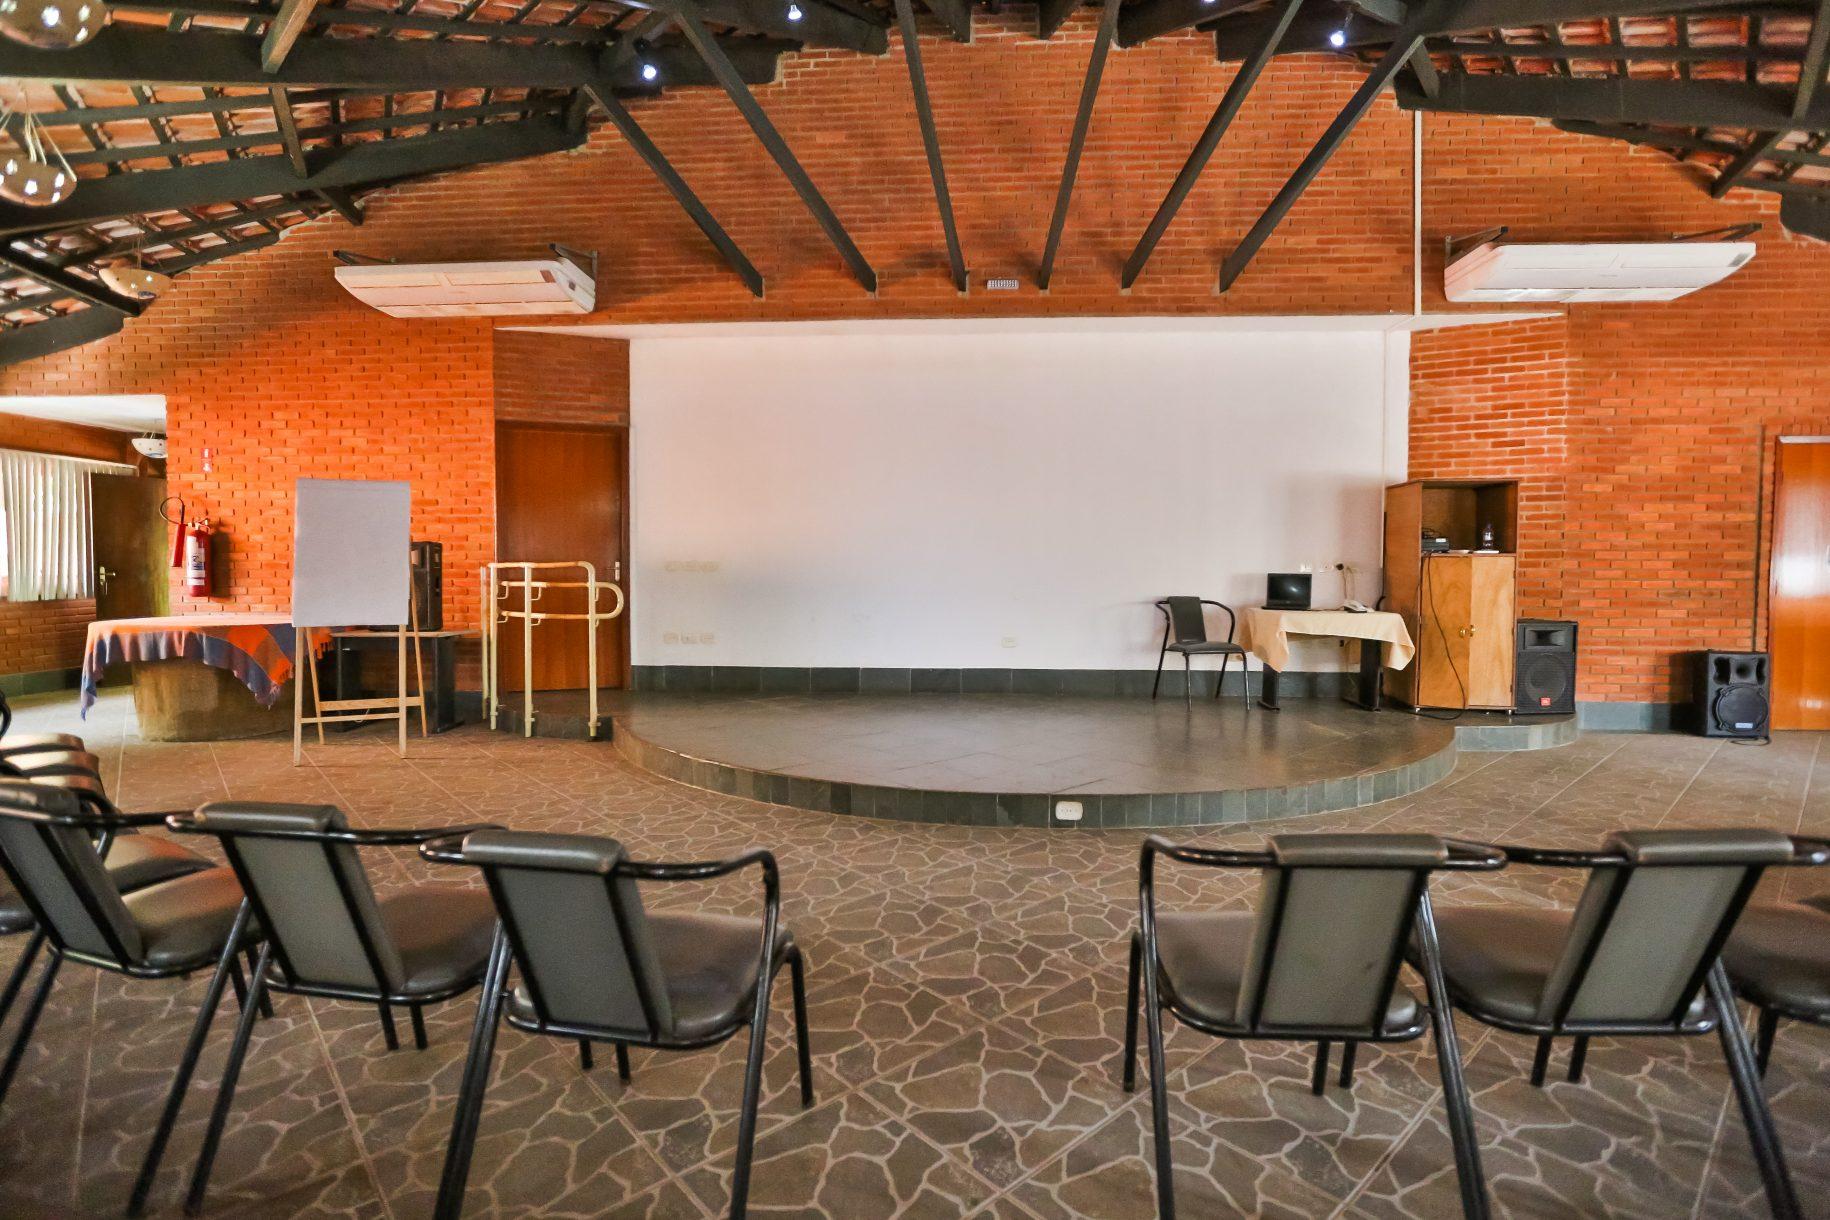 Centro de Eventos Hotel Fazenda Parque dos Sonhos #B64C15 1830 1220